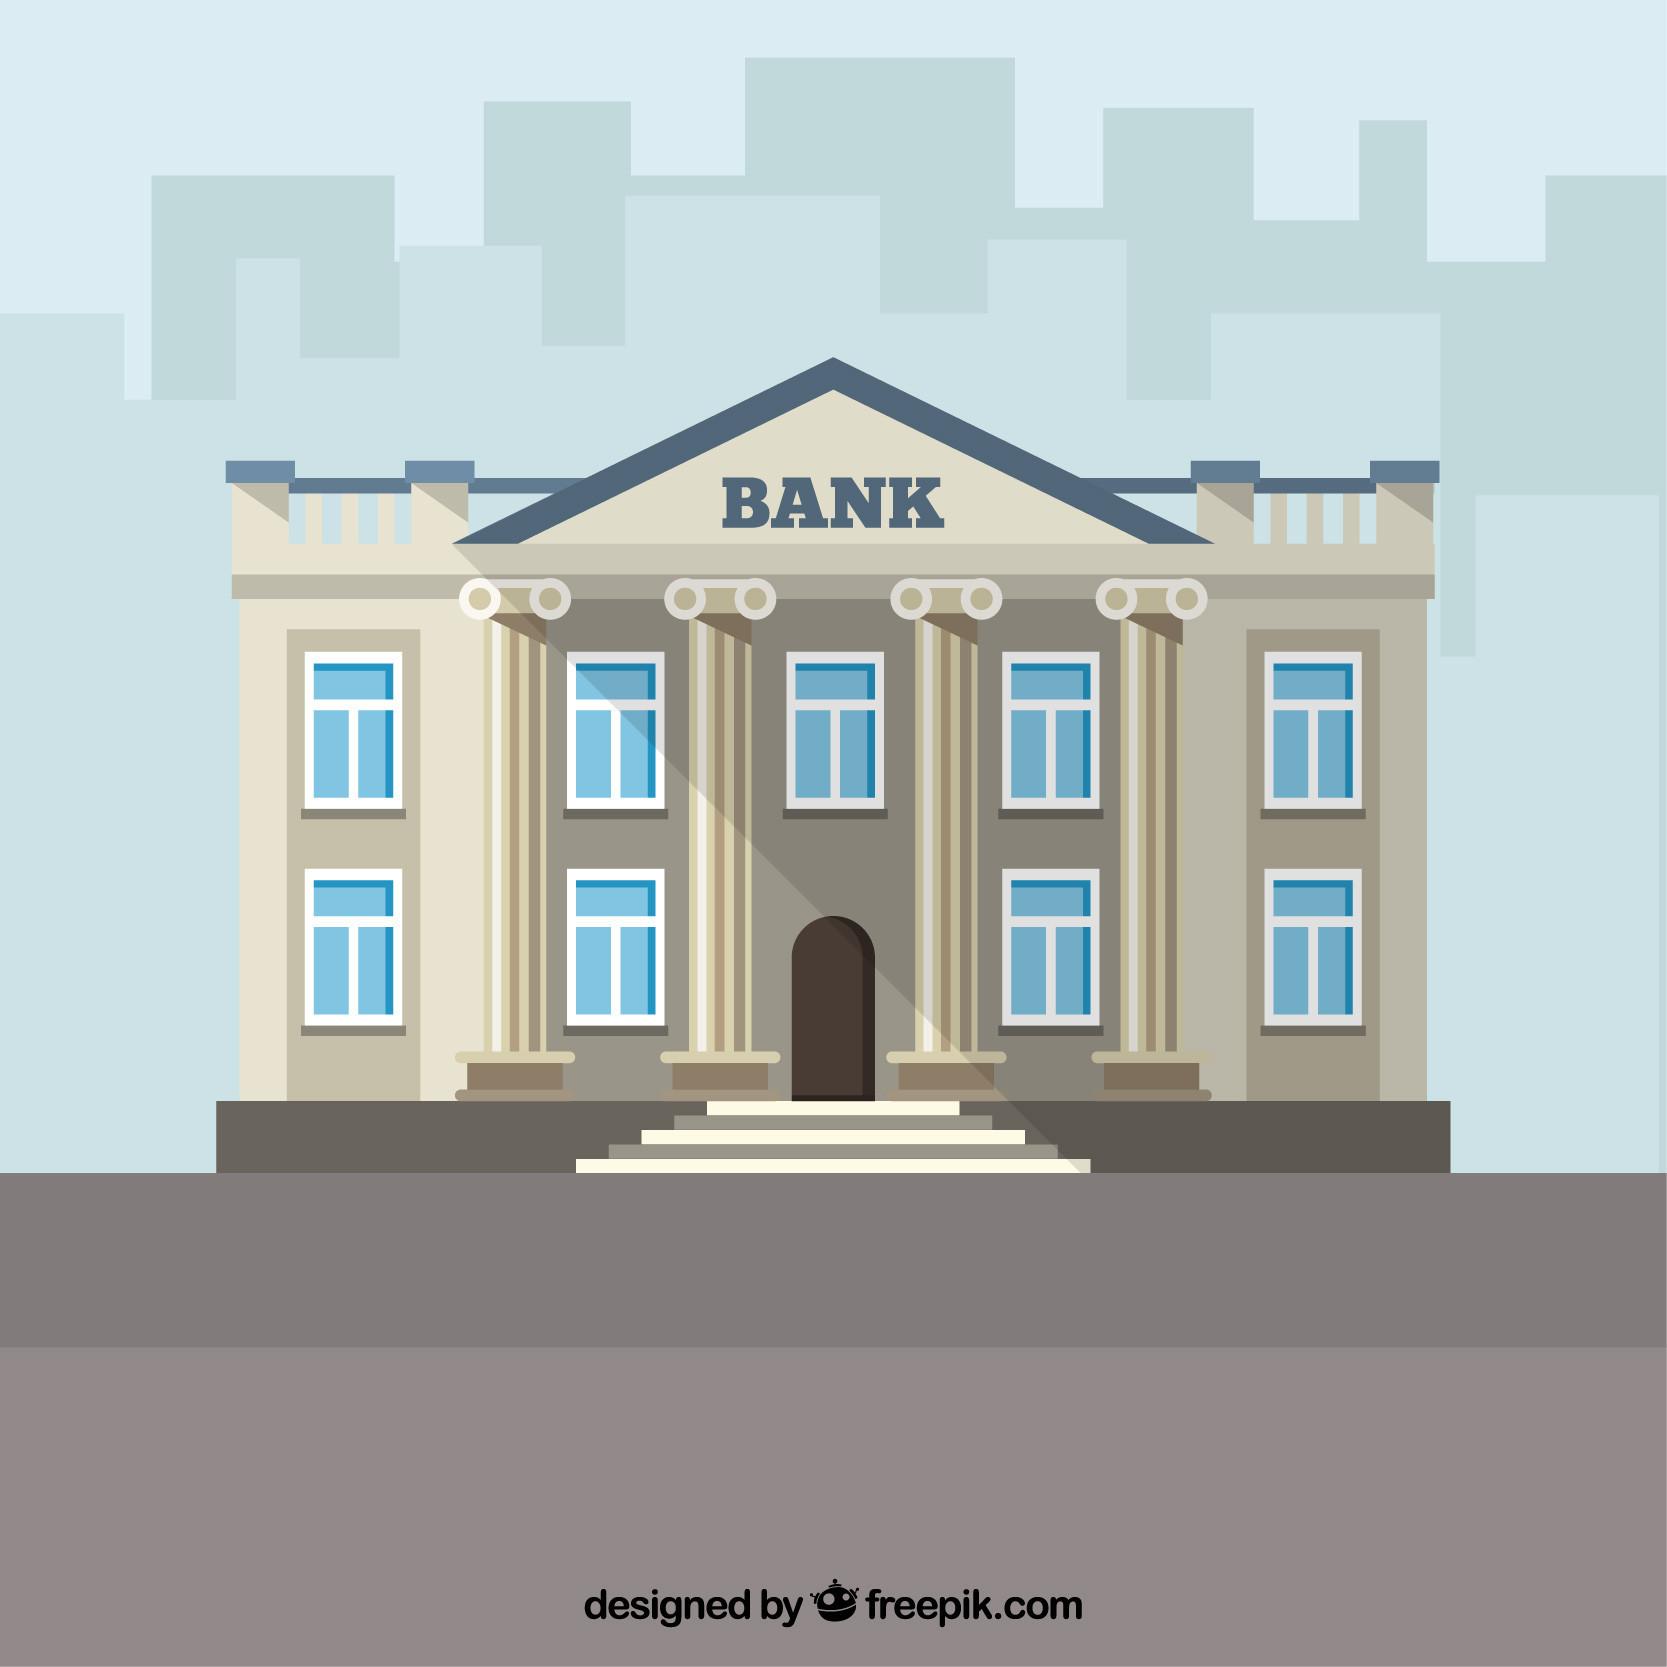 資金繰りや融資についてのイメージ